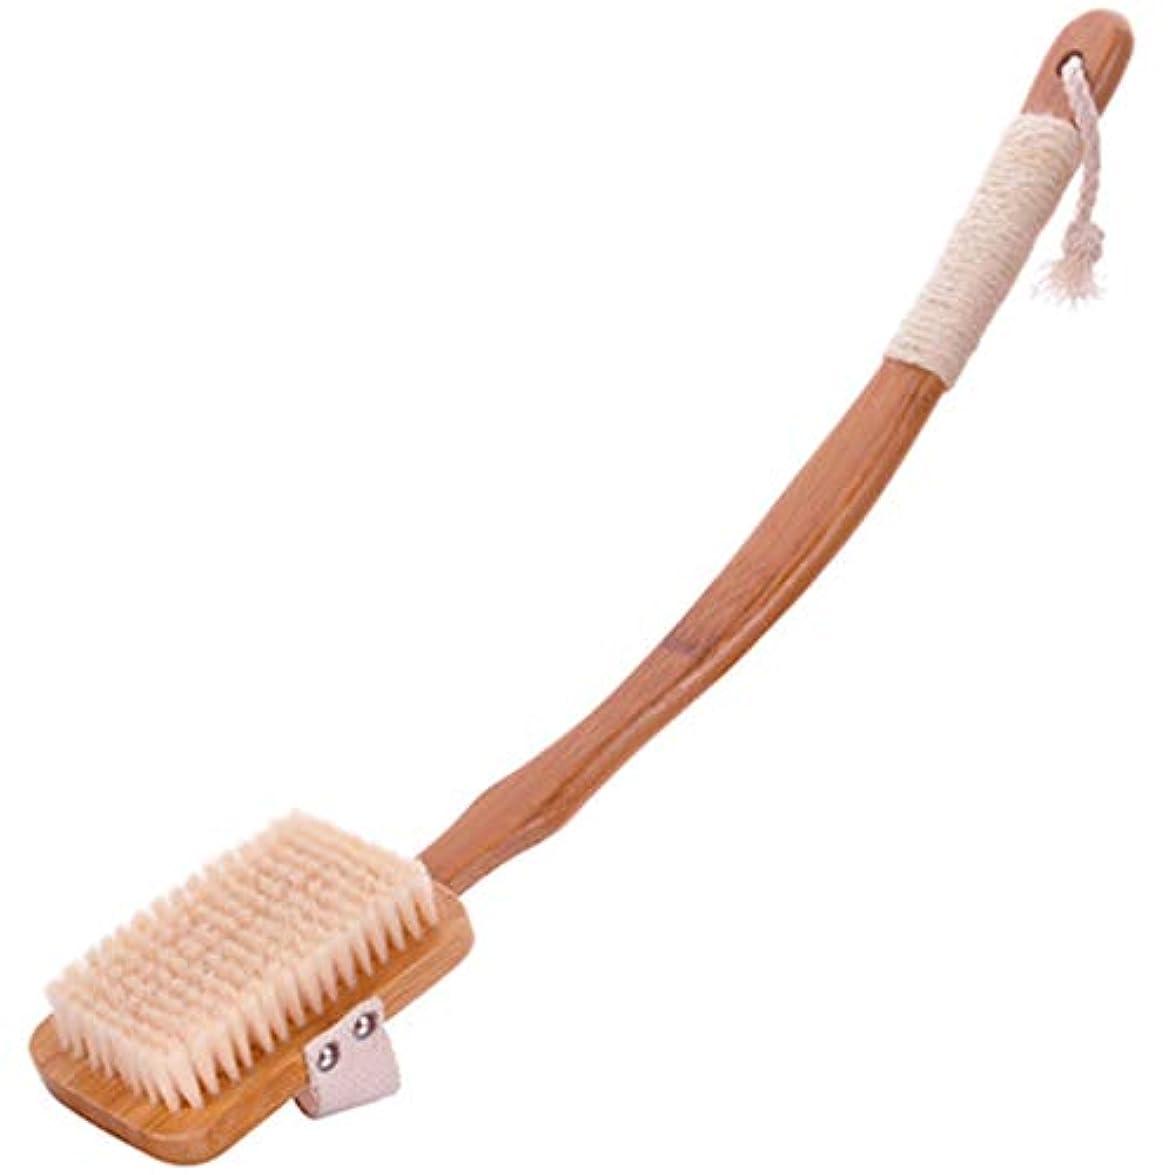 慢タオルディレクターバスブラシバックブラシロングハンドルやわらかい毛髪バスブラシバスブラシ角質除去クリーニングブラシ (Color : Wood color)